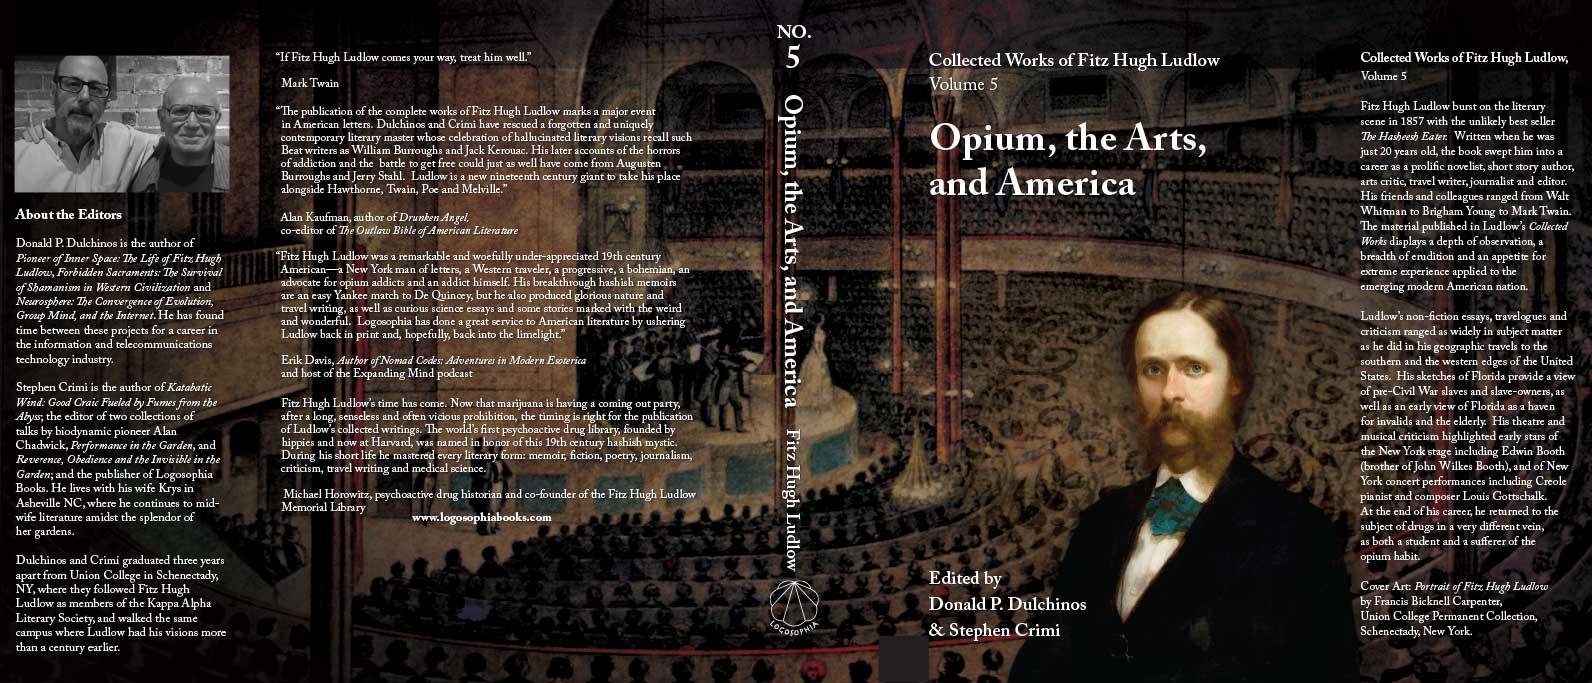 Opium, the Arts